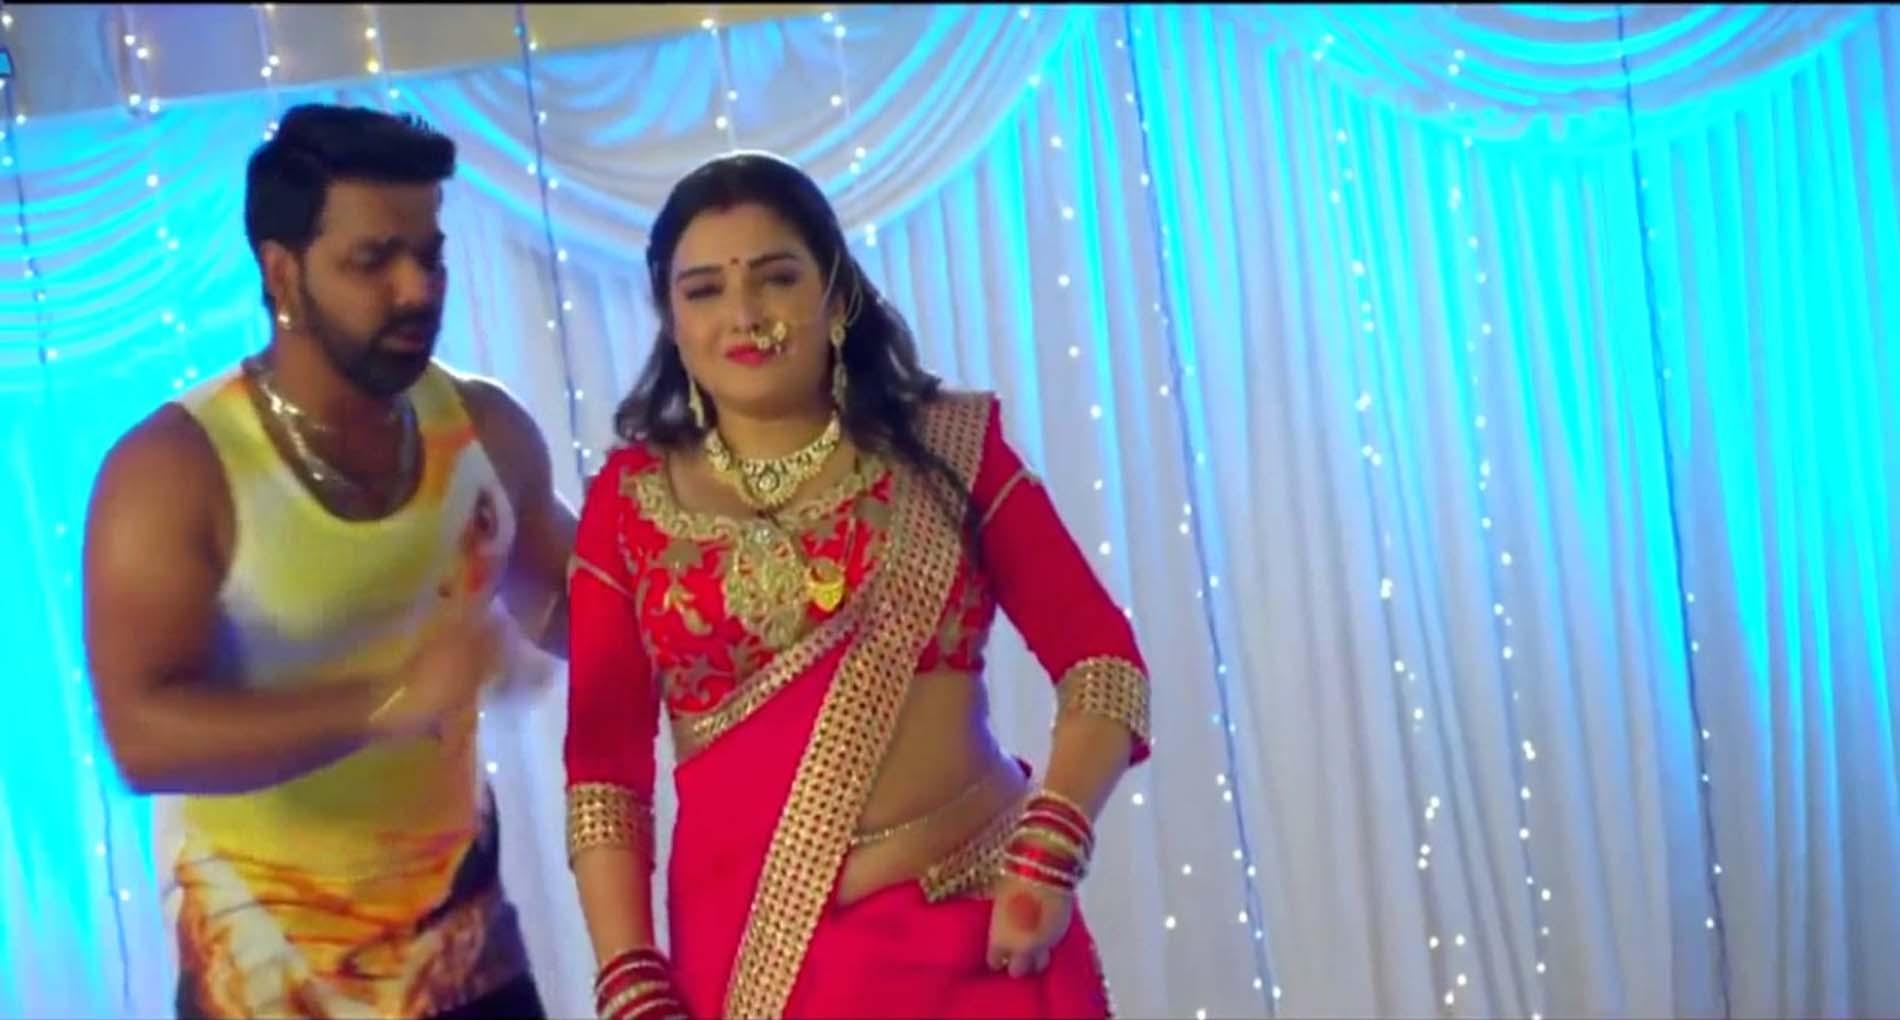 आम्रपाली दुबे और पवन सिंह की जोड़ी का ये गाना है यूट्यूब पर सबसे पॉप्युलर! देखें वीडियो